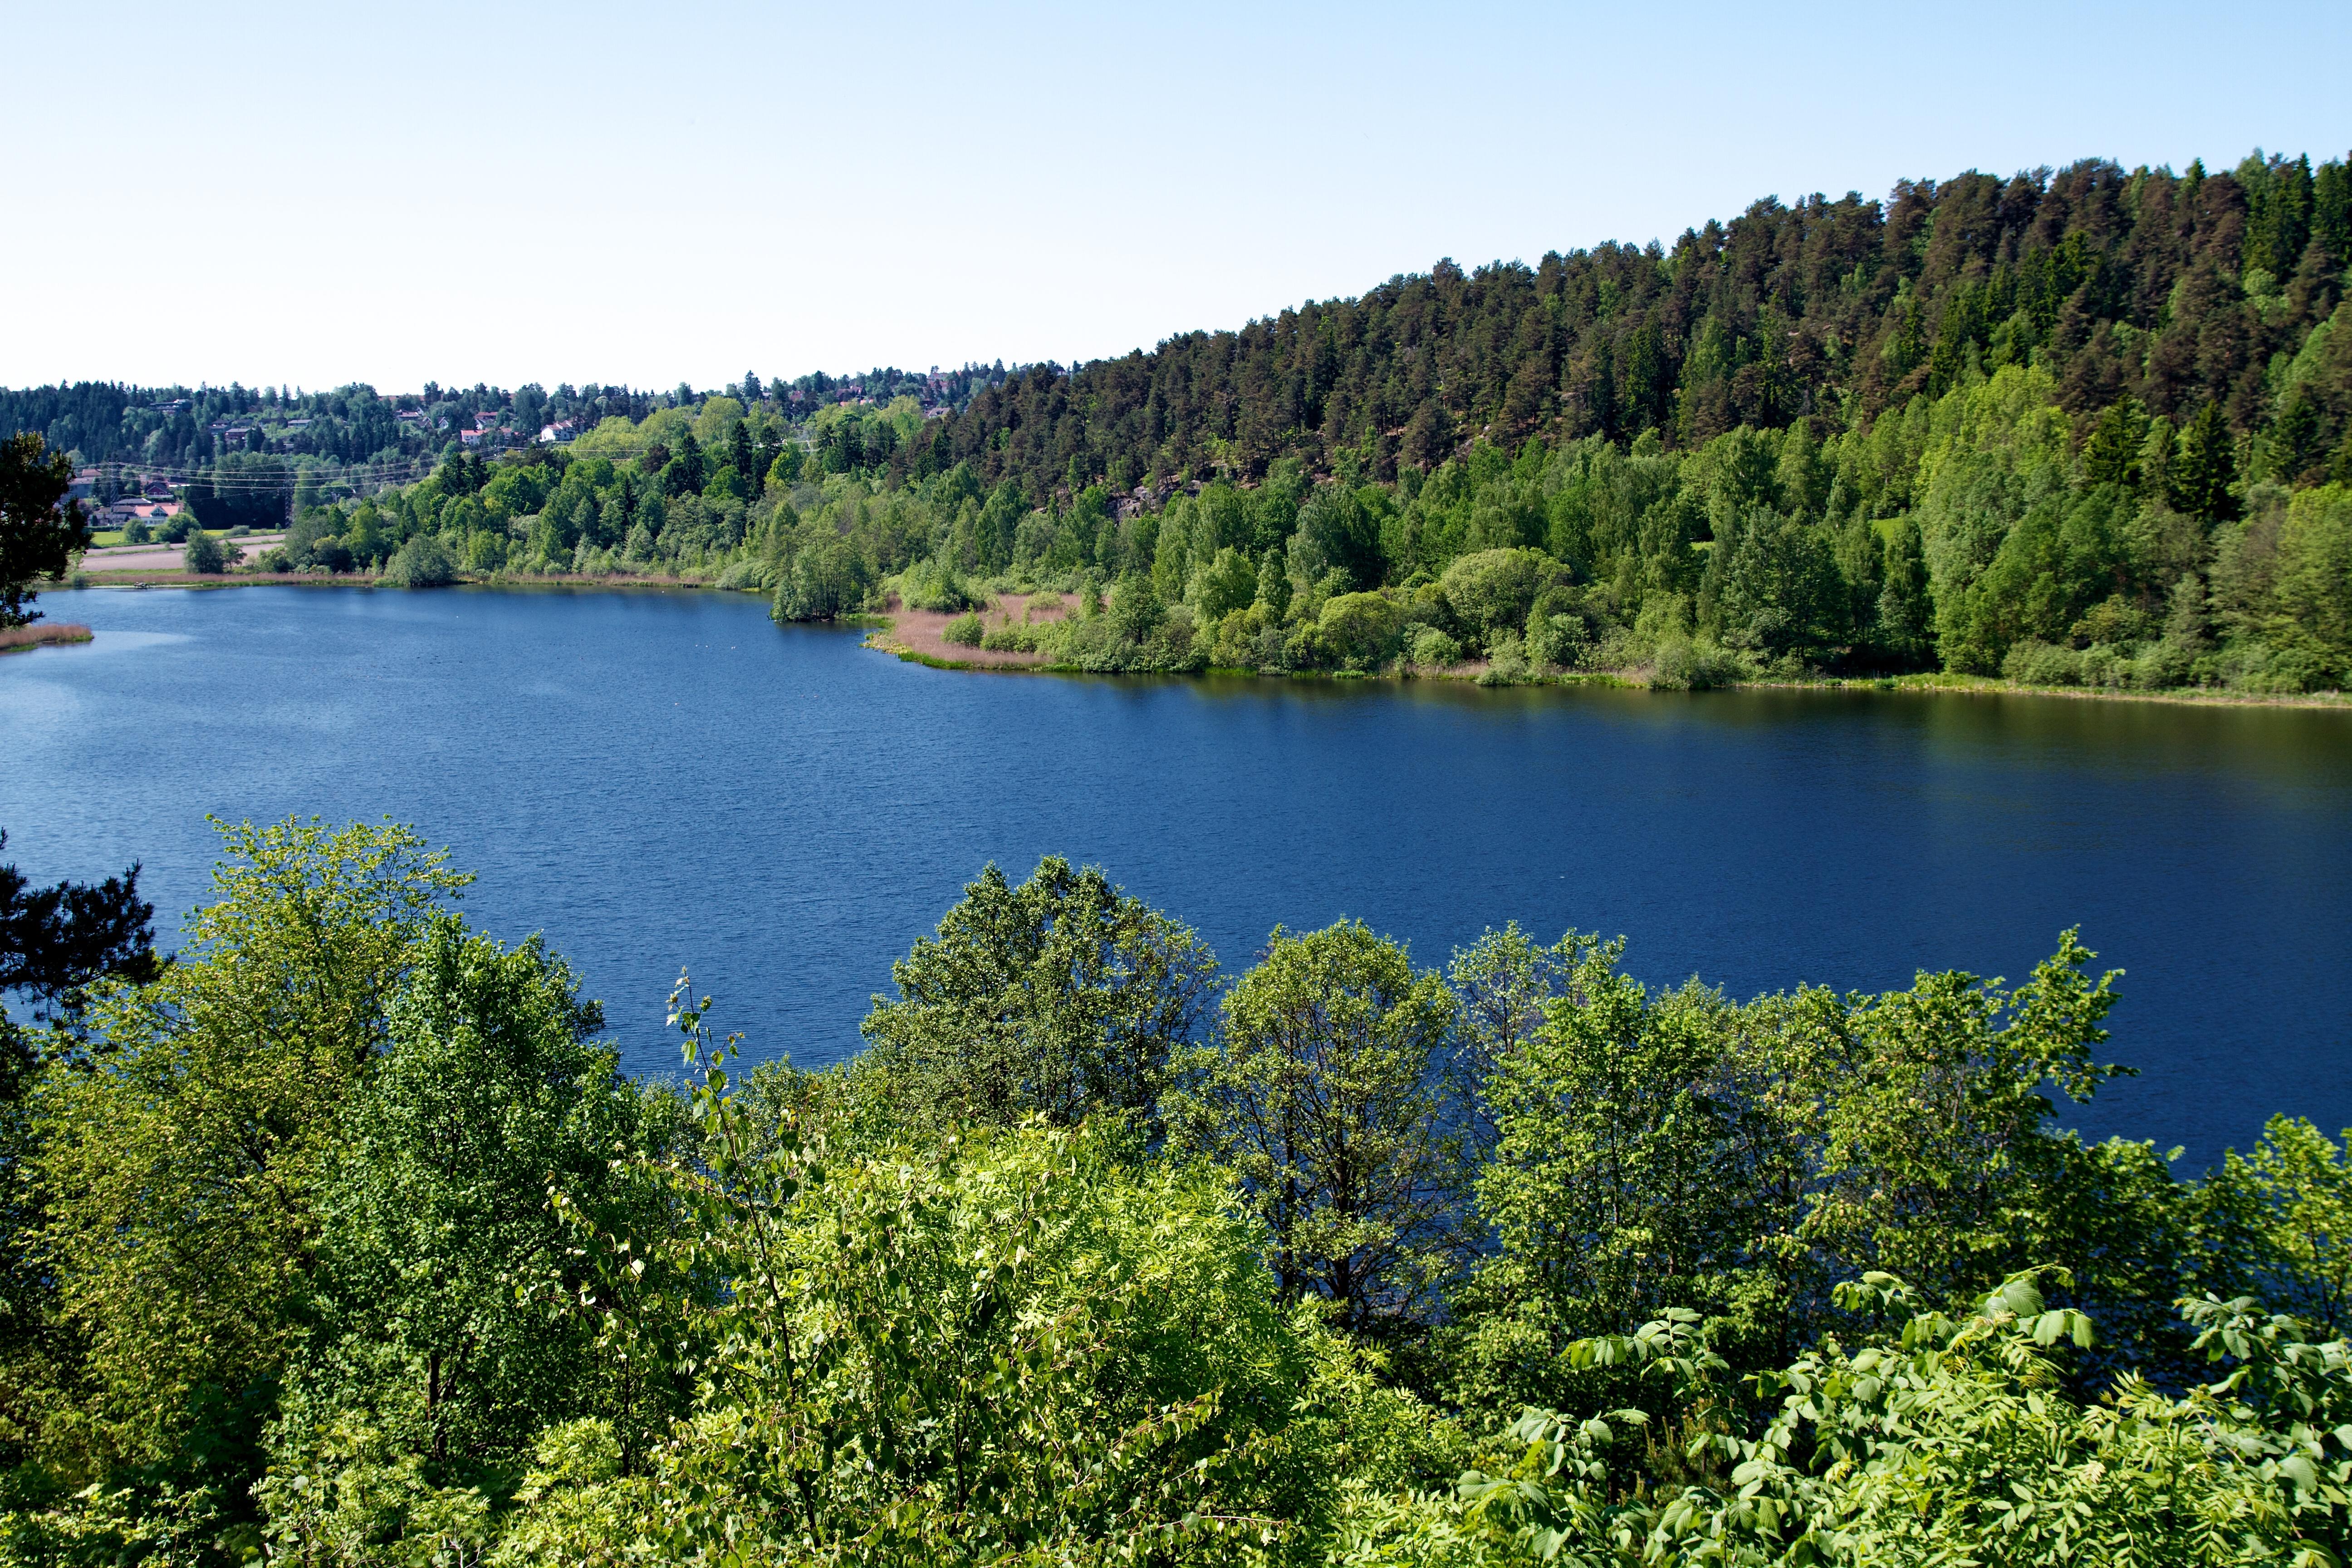 En innsjø som ligger mellom grønne høyder.